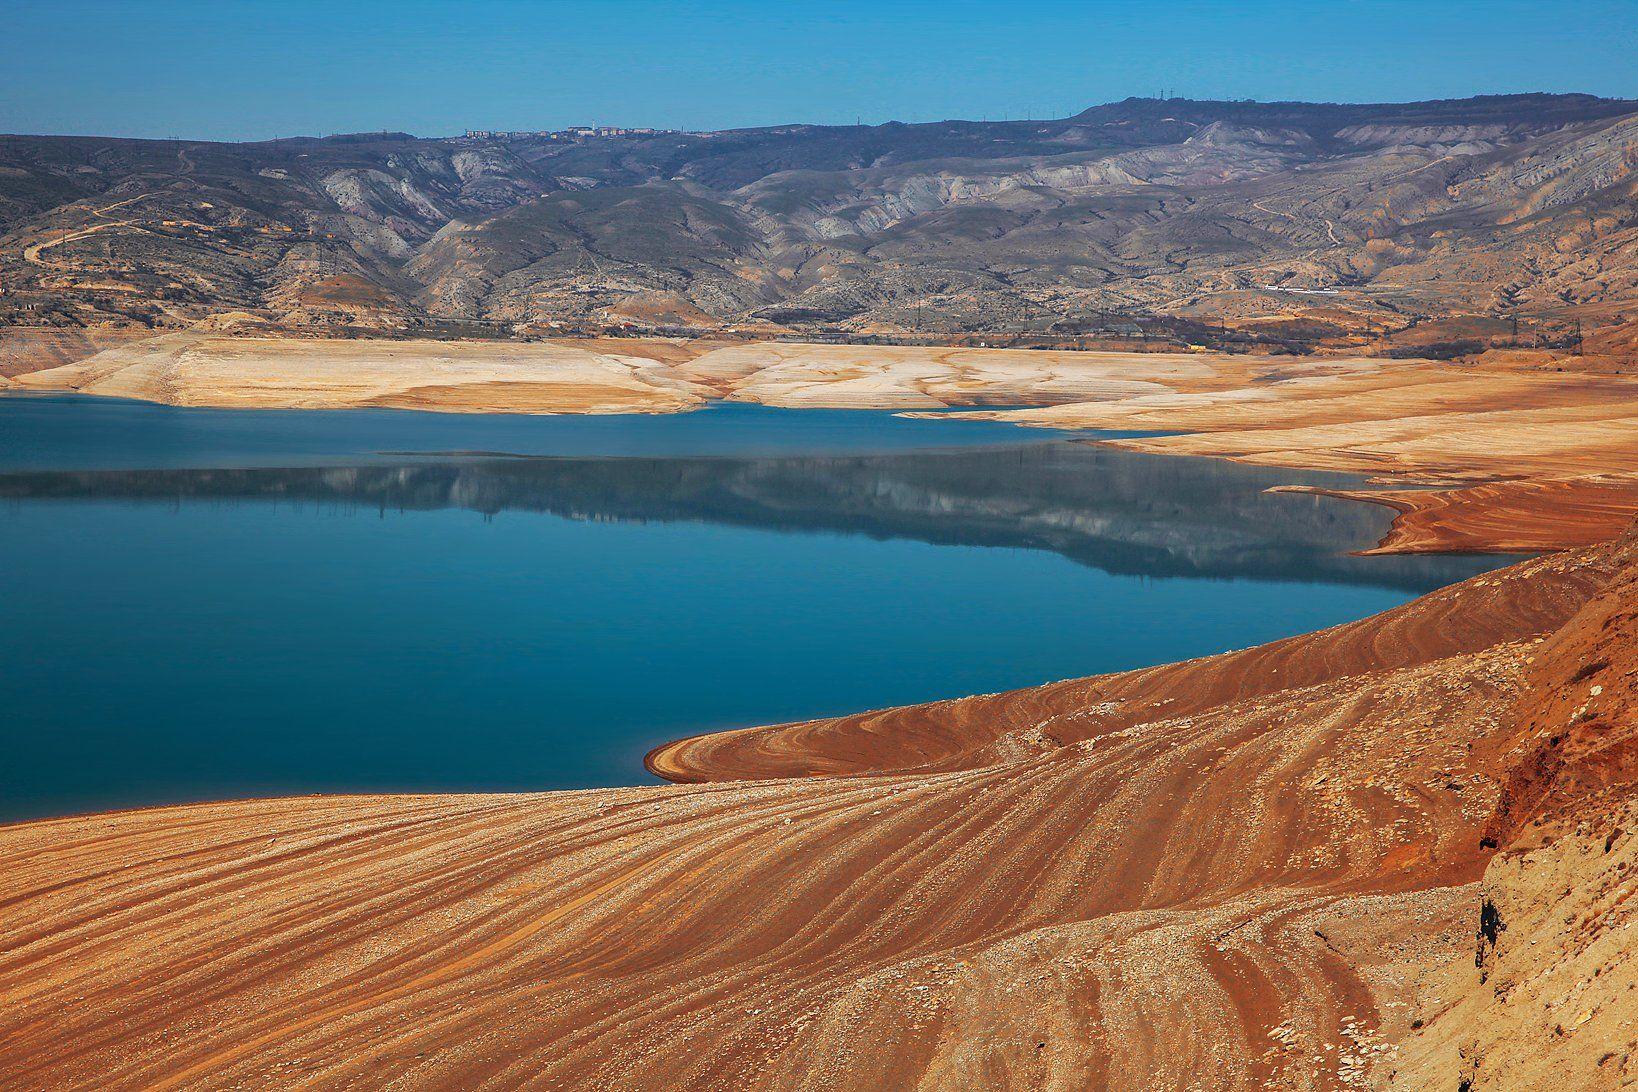 водохранилище,горы,дагестан,унцукульский район,весна,пейзаж, Magov Marat